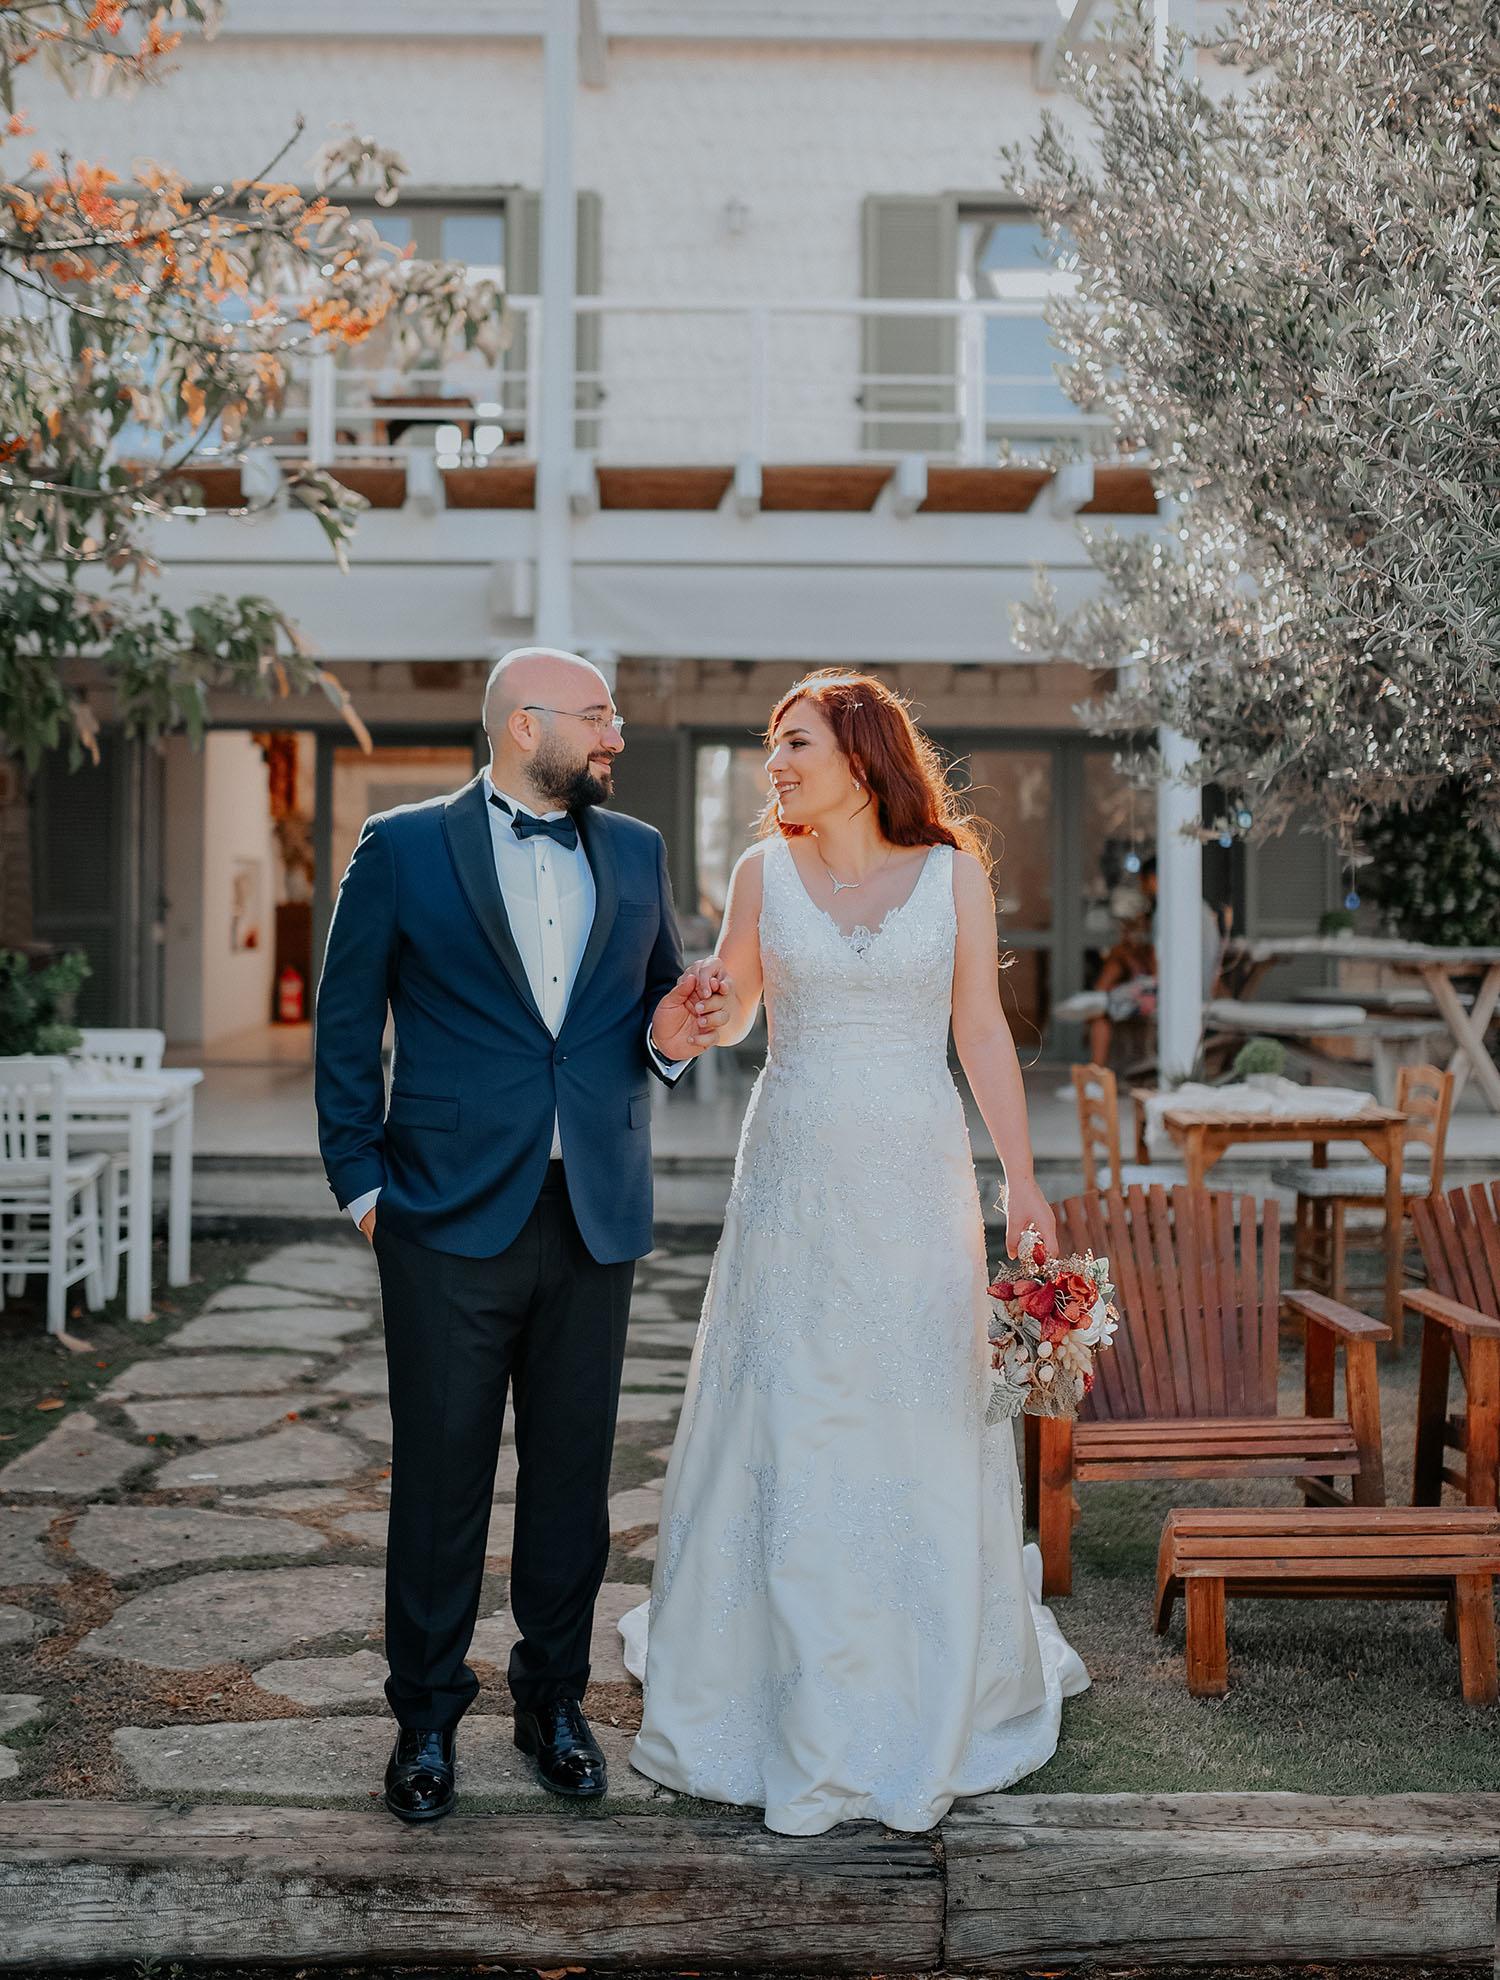 Alaçatı Düğün Fotoğrafı, Alaçatı Düğün Fotoğrafçısı